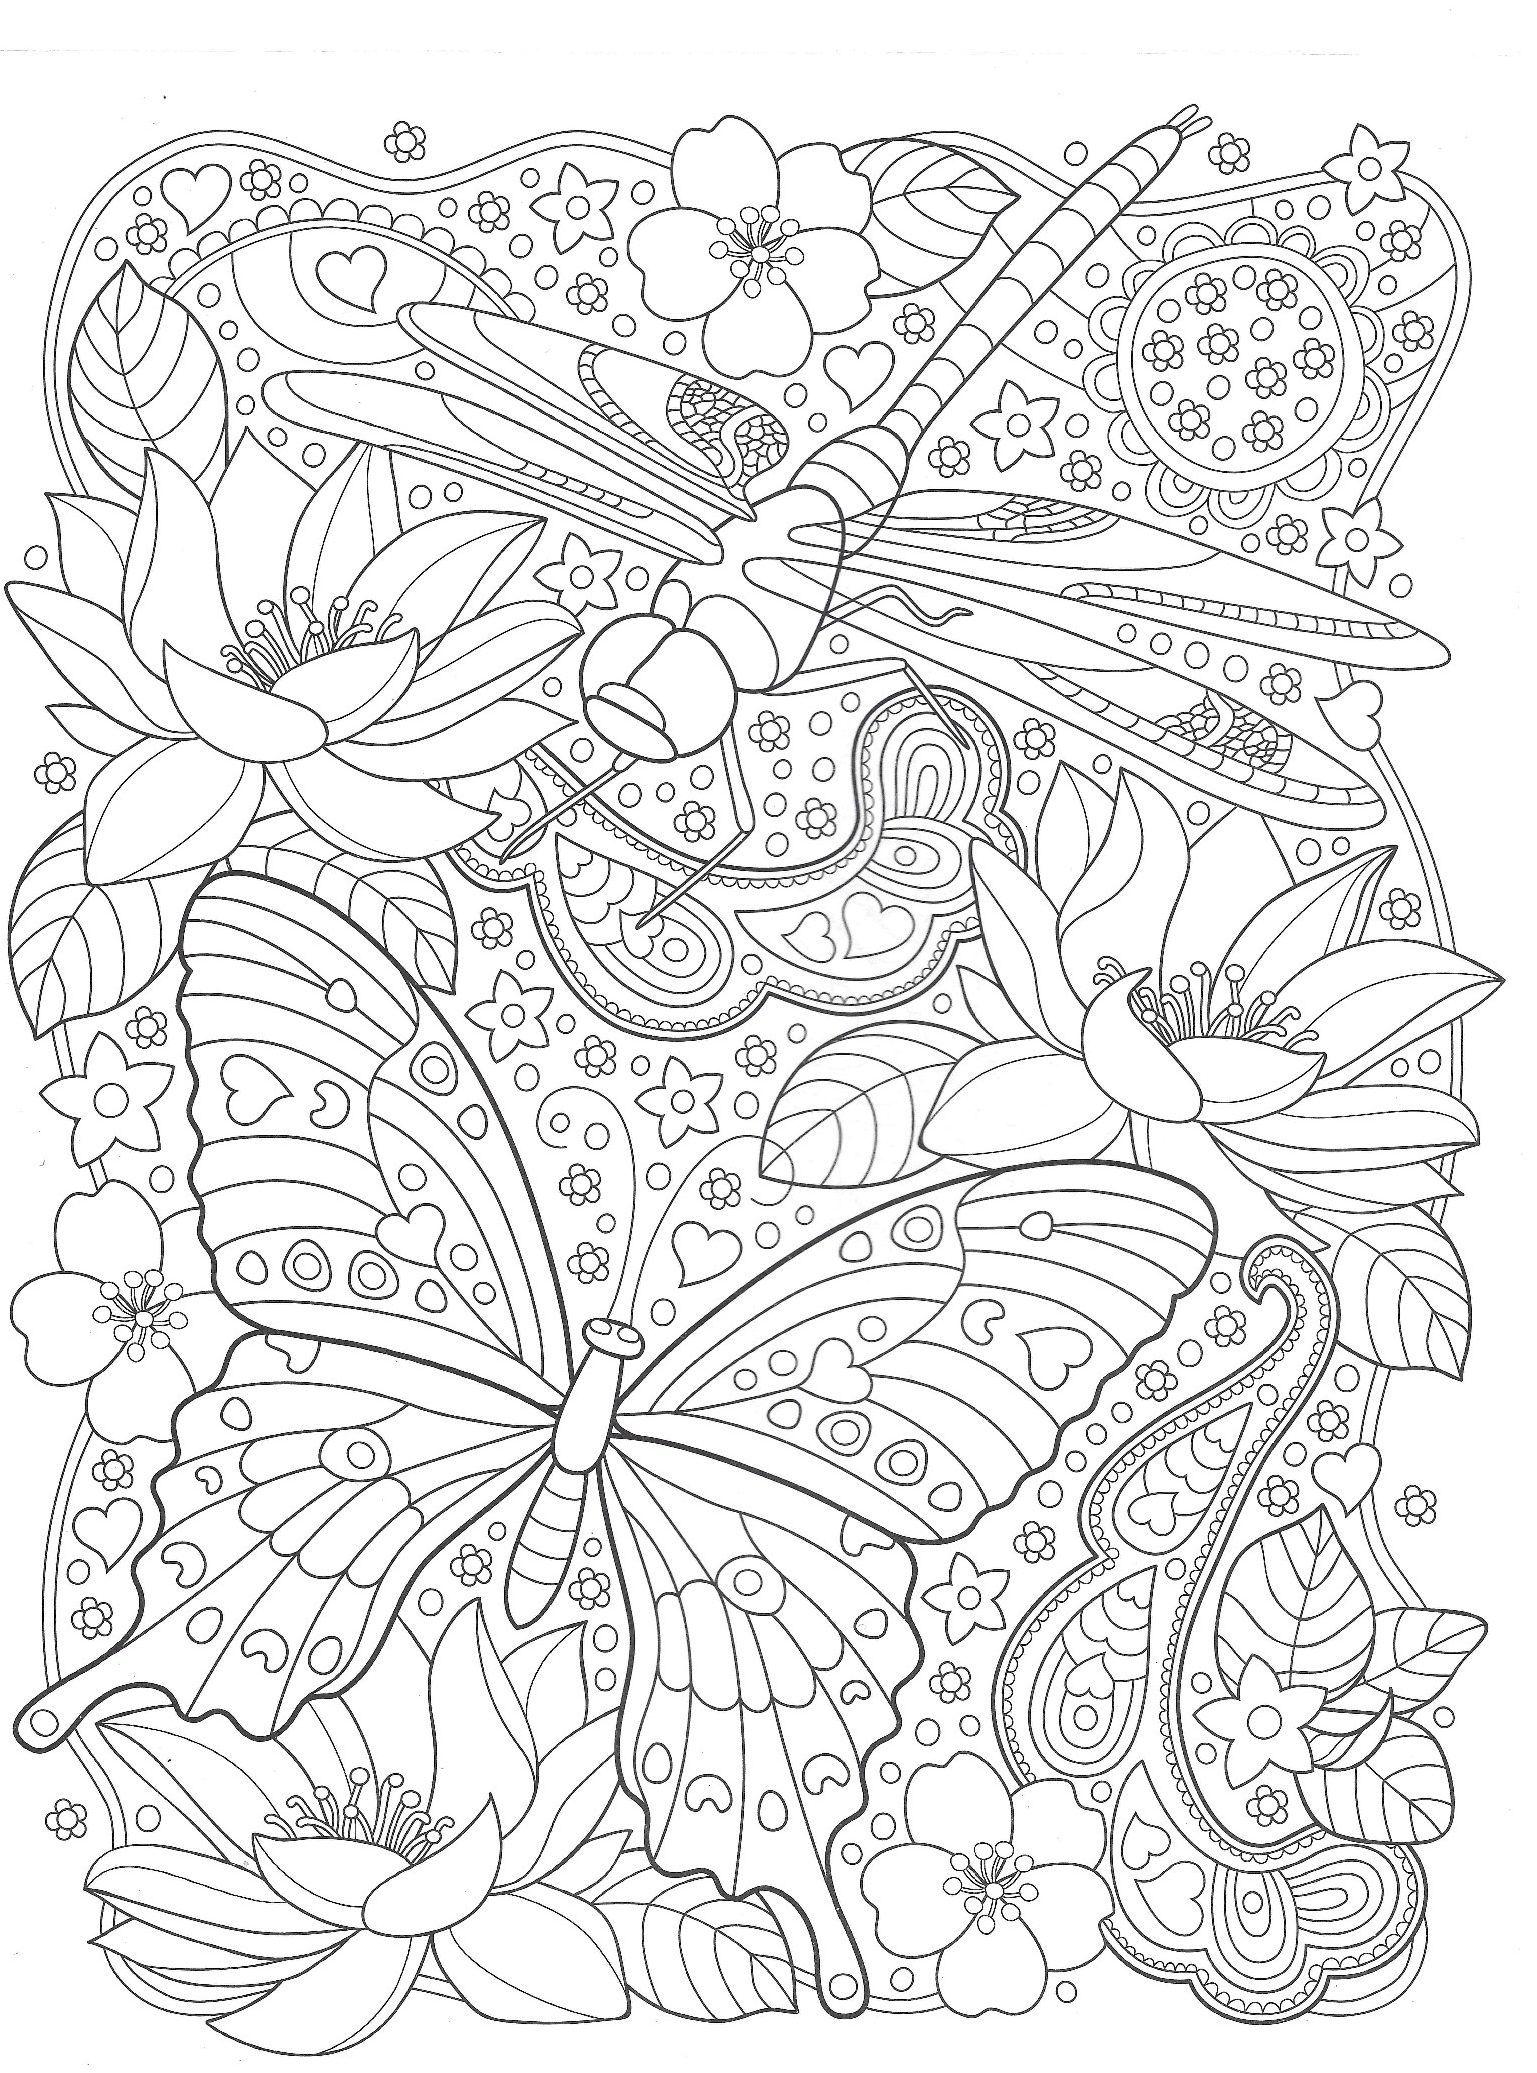 раскраски животные бабочка и стрекоза с цветами